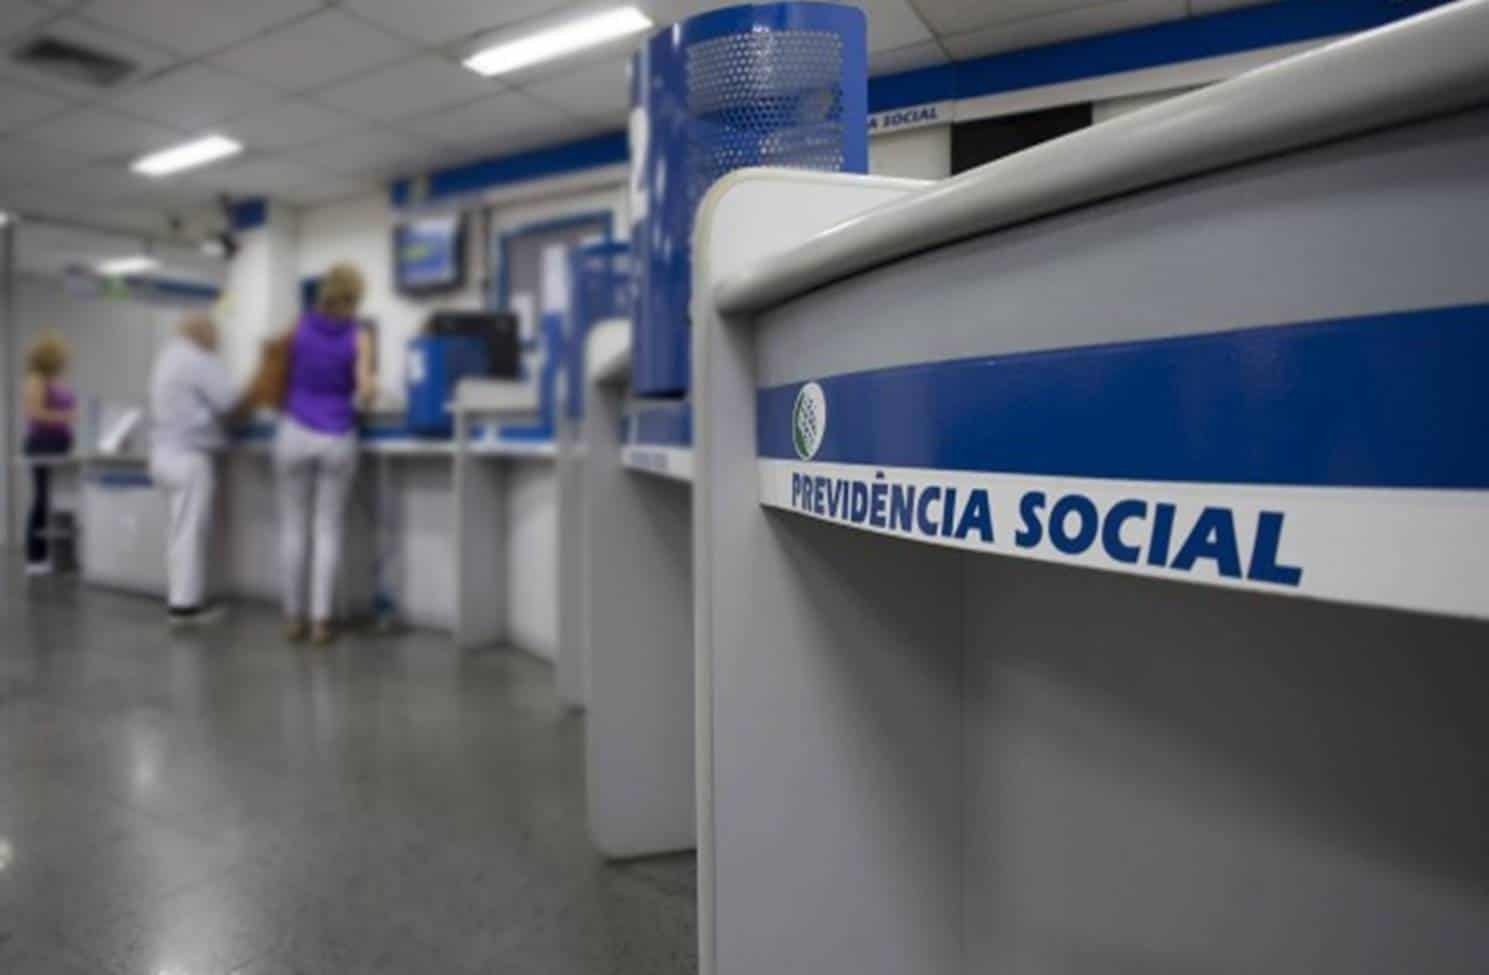 INSS cancela mais de 250 mil benefícios com indícios de irregularidades no pente-fino. O Instituto Nacional do Seguro Social (INSS)